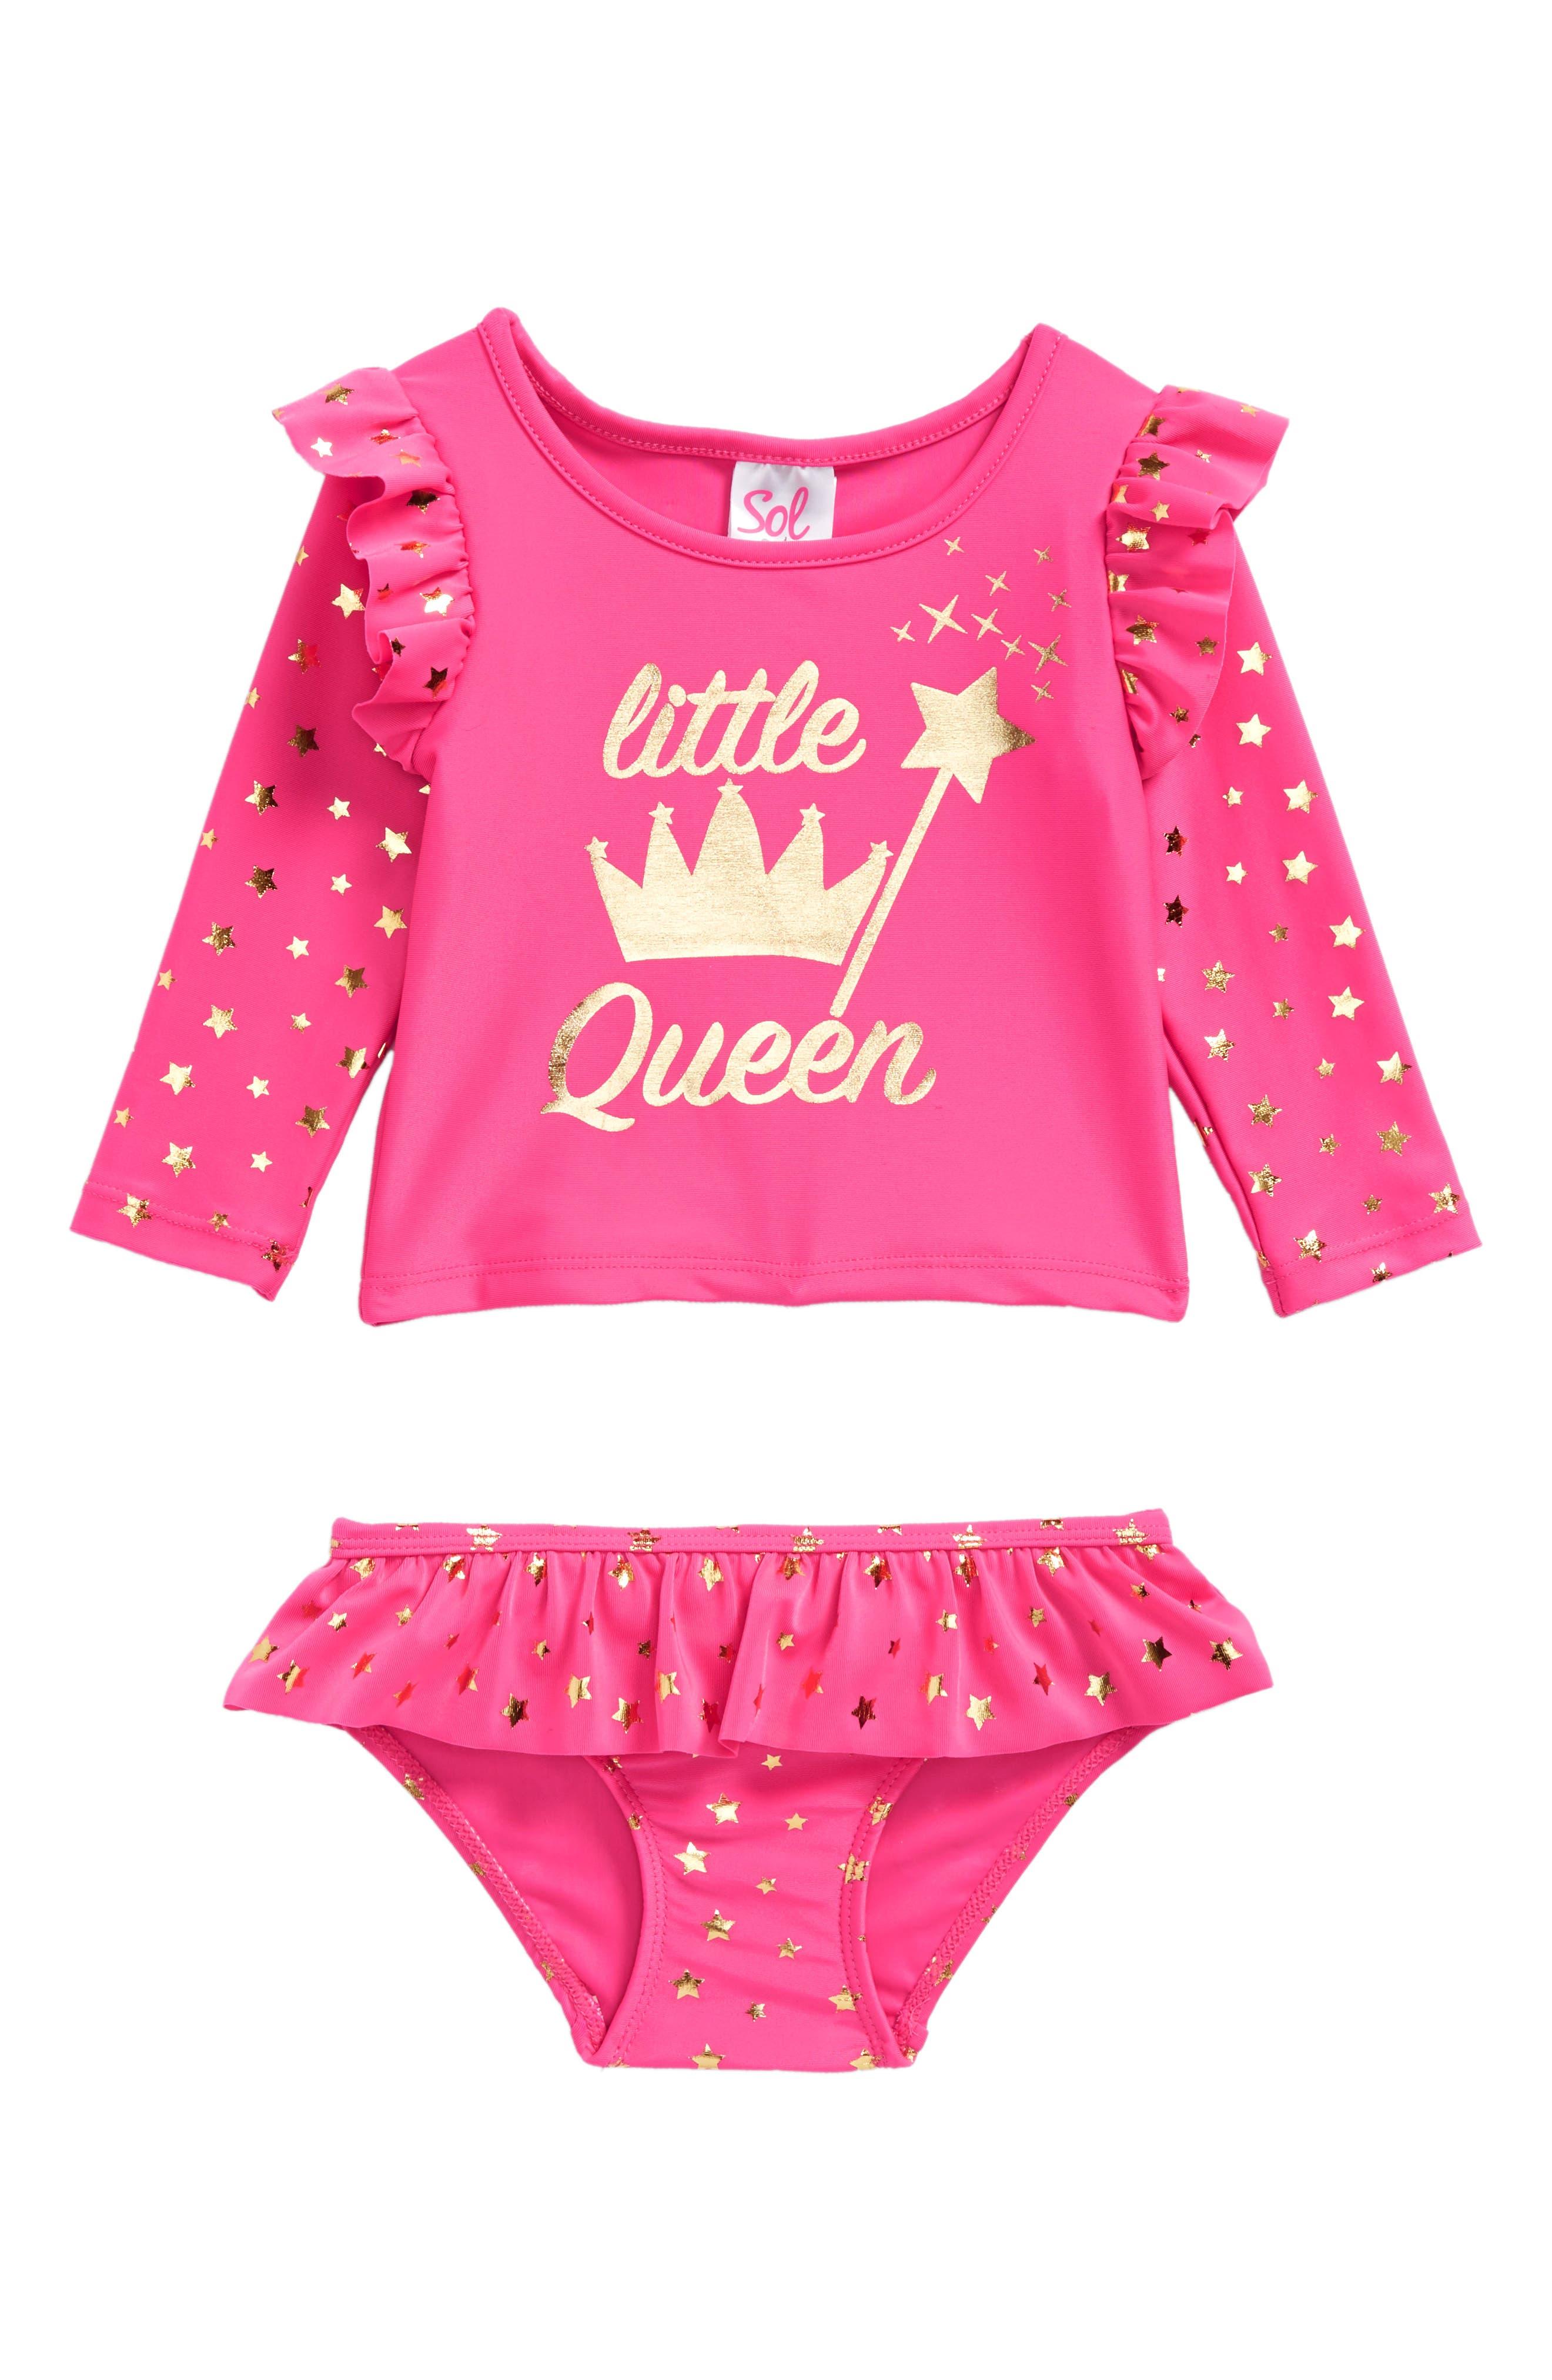 Little Queen Two-Piece Rashguard Swimsuit,                             Main thumbnail 1, color,                             670